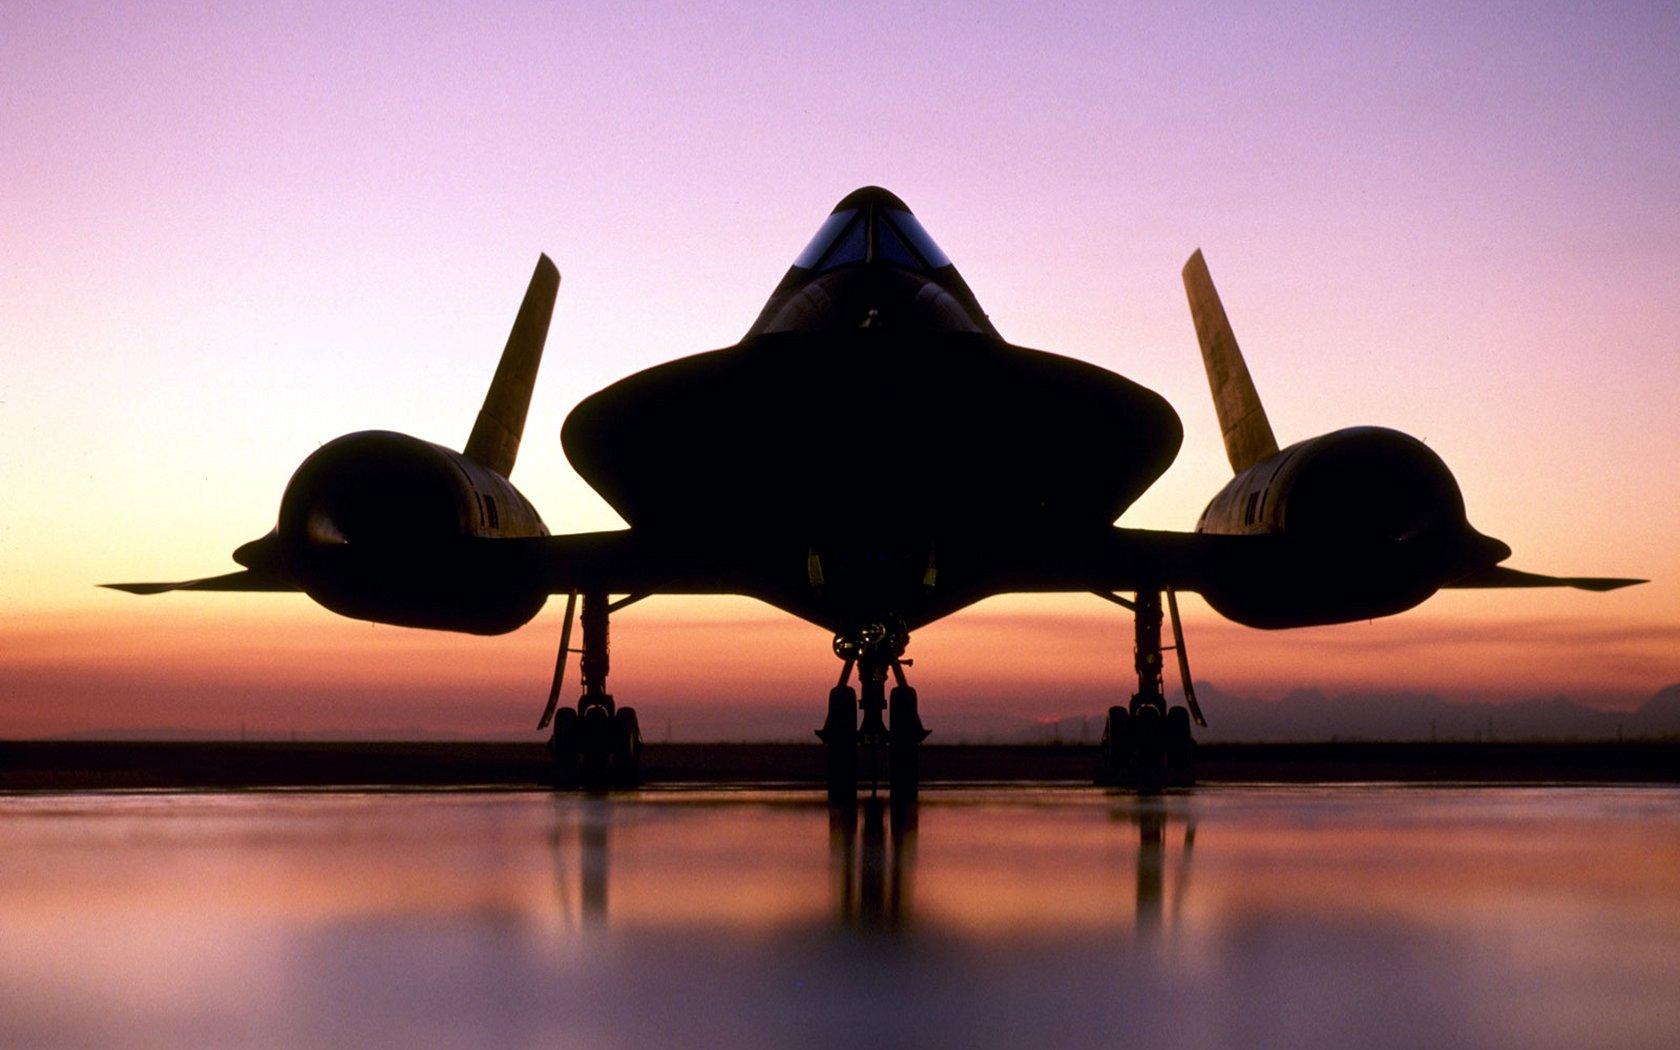 15926_aircraft.jpg